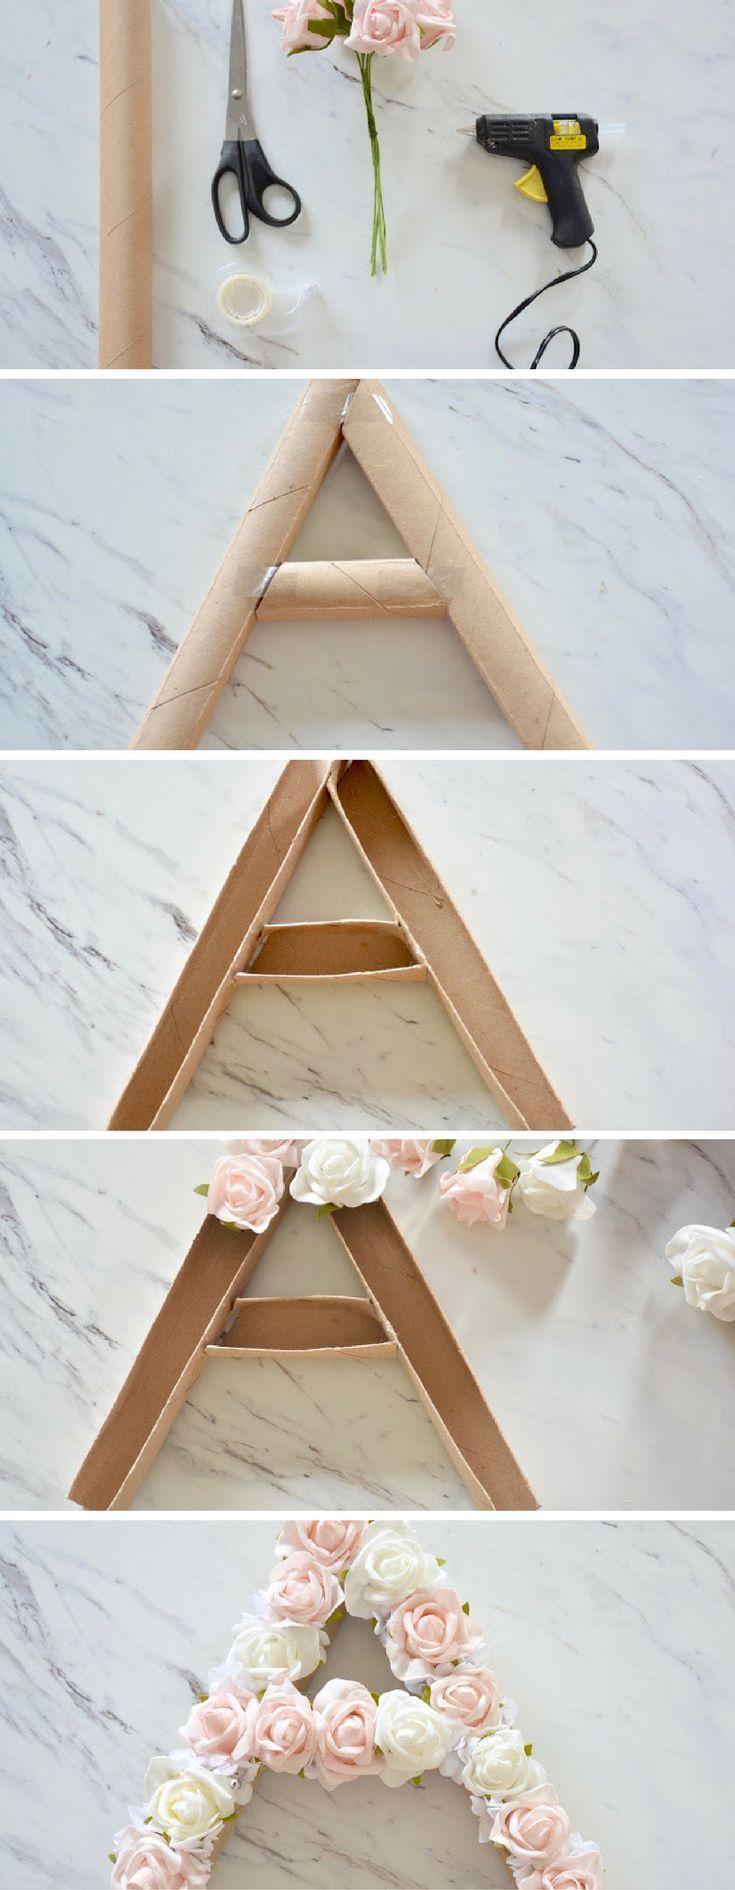 Photo of DIY-Blumenmonogramm – machen Sie dieses lustige und einfache Sommerdekor! #DIYHo…